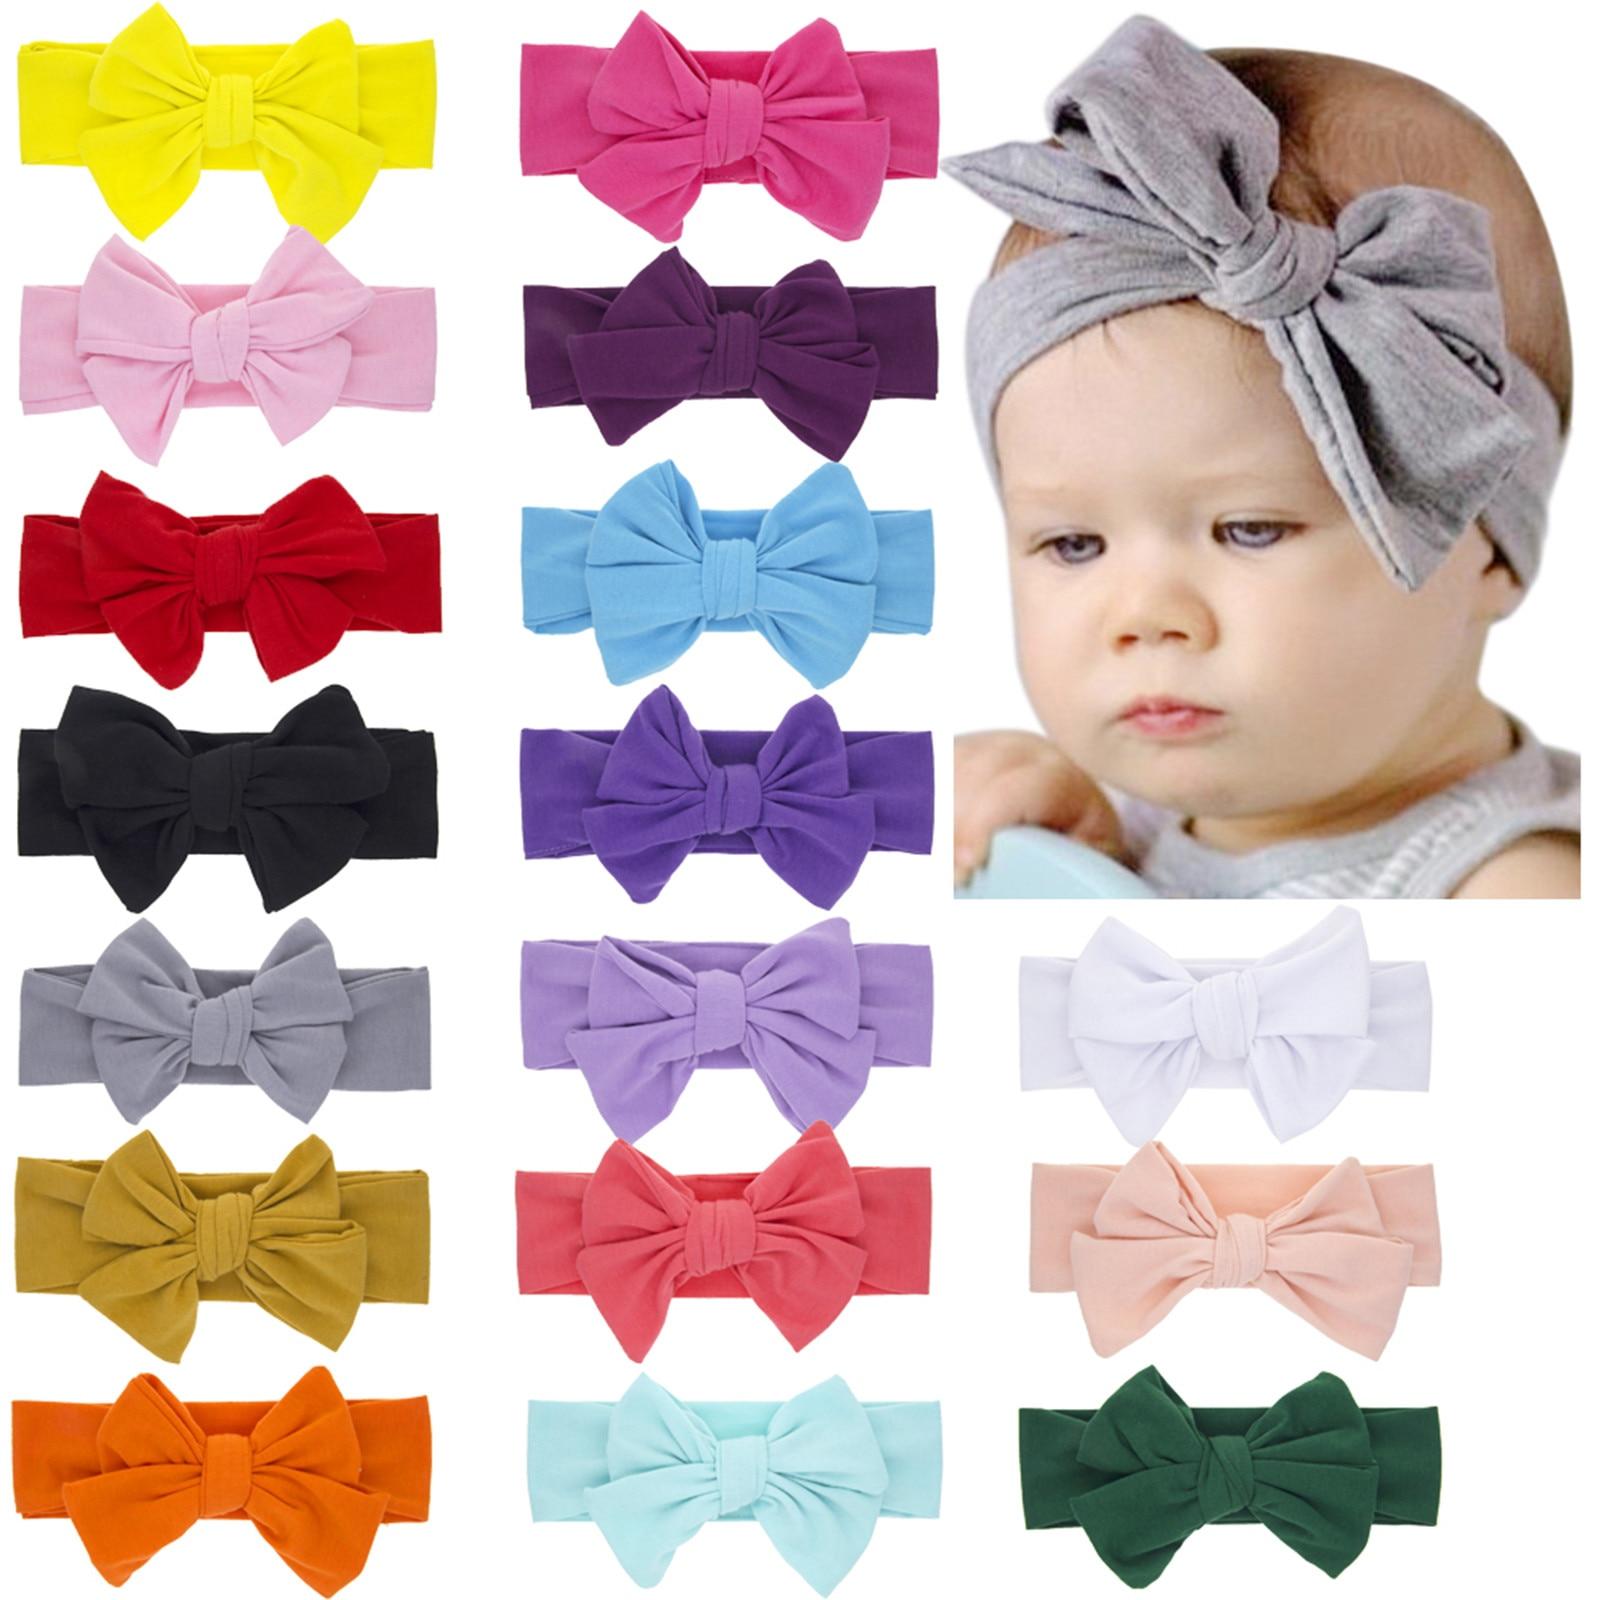 Ragazza fasce per bambini per neonato fascia per capelli solido Bowknot fiocco elastico copricapo berretto turbante accessori pe